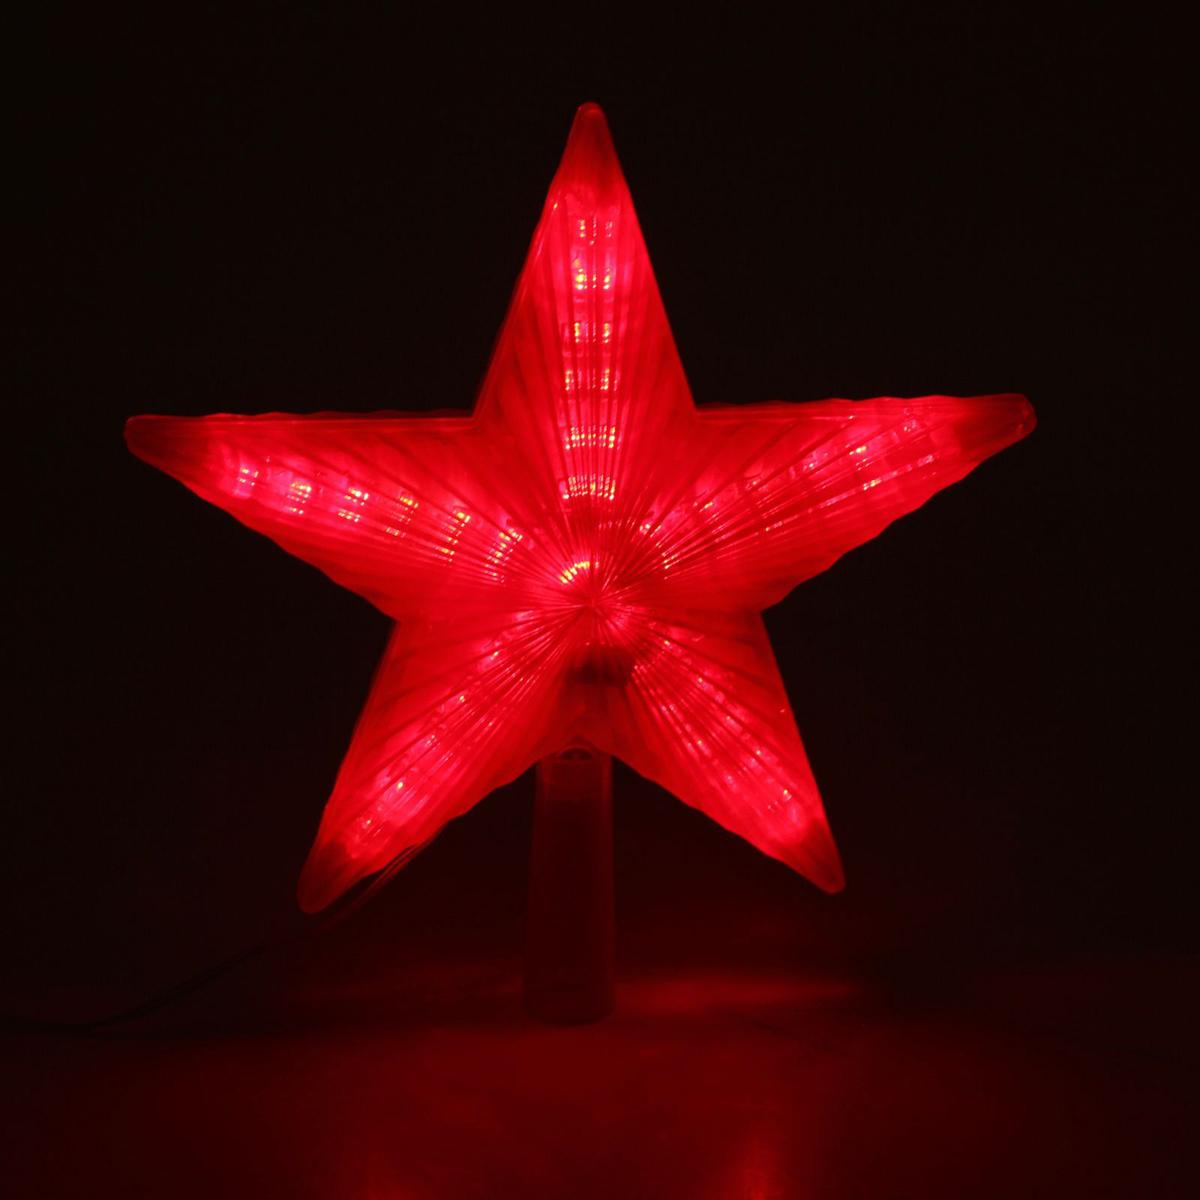 Верхушка на елку Luazon Звезда красная, светодиодная, 30 LED, 22 х 22 см1354076Верхушка Luazon, выполненная из пластика, прекрасно подойдет для декора новогодней елки. Изделие создаст особое настроение новогоднего торжества. Изделие работает от сети 220 v.Верхушка на елку - одно из главных новогодних украшений лесной красавицы. Она принесет в ваш дом ни с чем не сравнимое ощущение праздника! Новогодние украшения несут в себе волшебство. Они помогут вам украсить дом к предстоящим праздникам и оживить интерьер по вашему вкусу. Создайте в доме атмосферу тепла, веселья и радости, украшая его всей семьей.